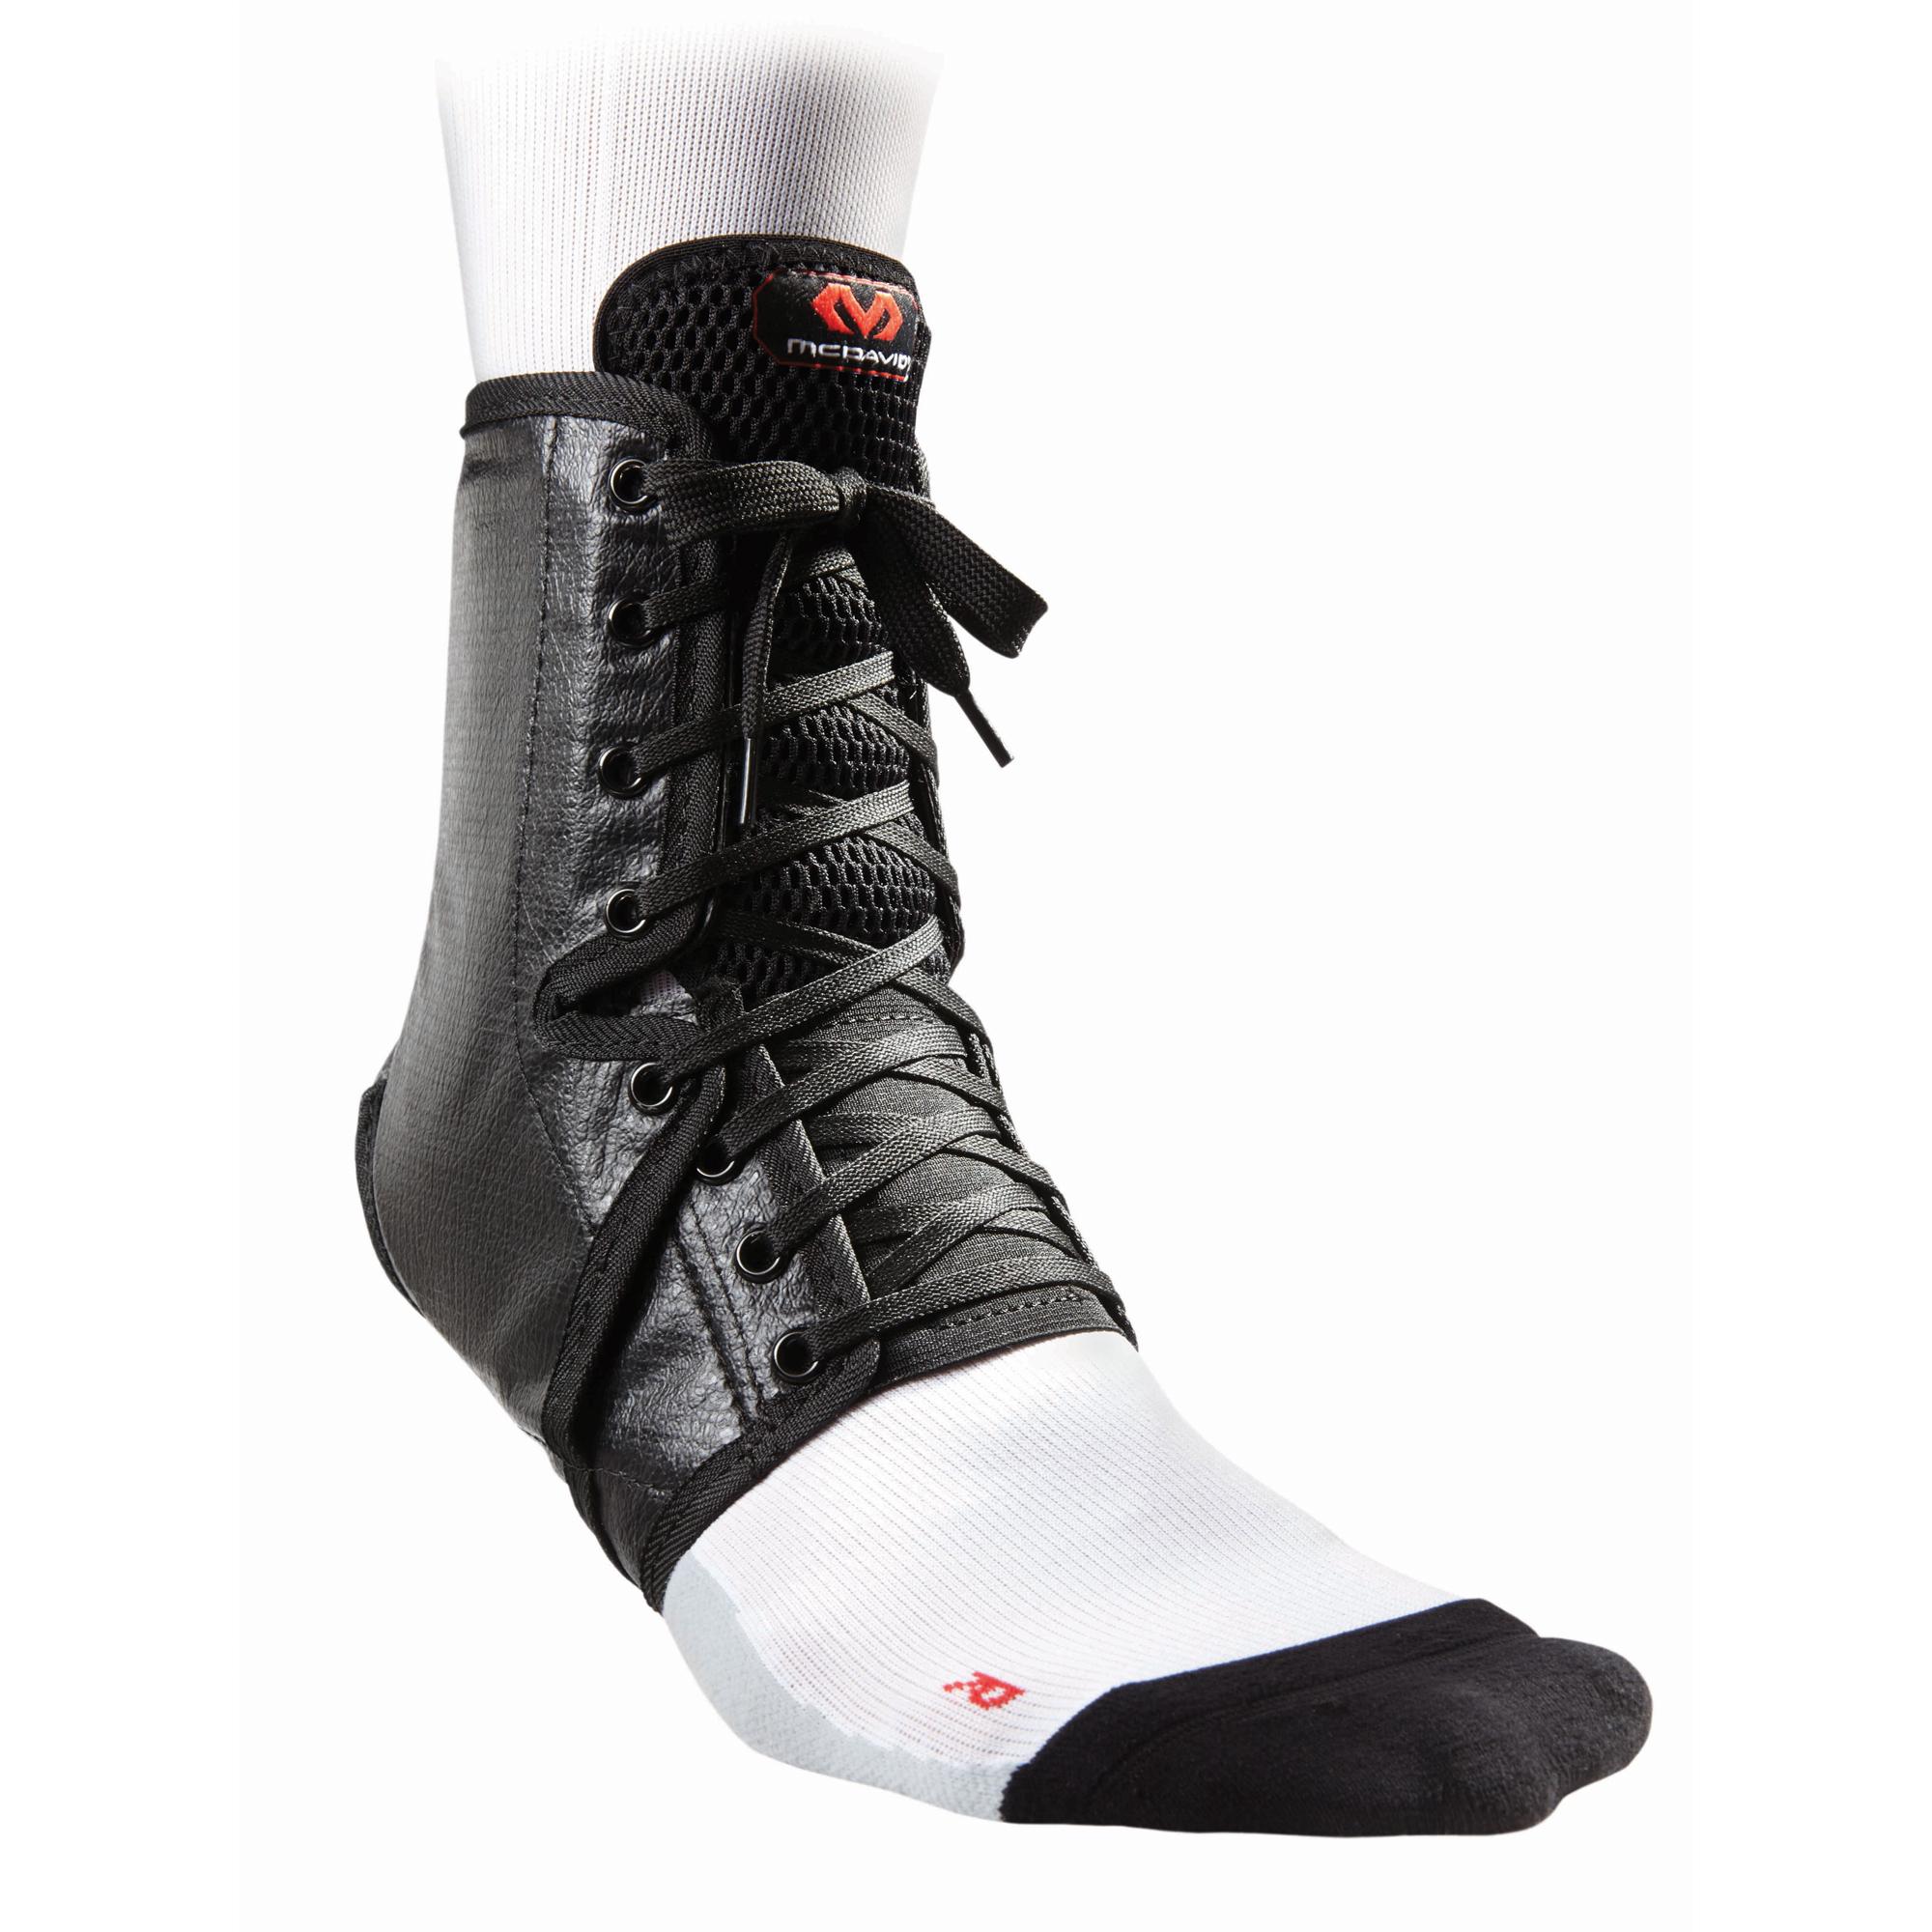 McDavid A101R Ankle Guard - Black, XXS